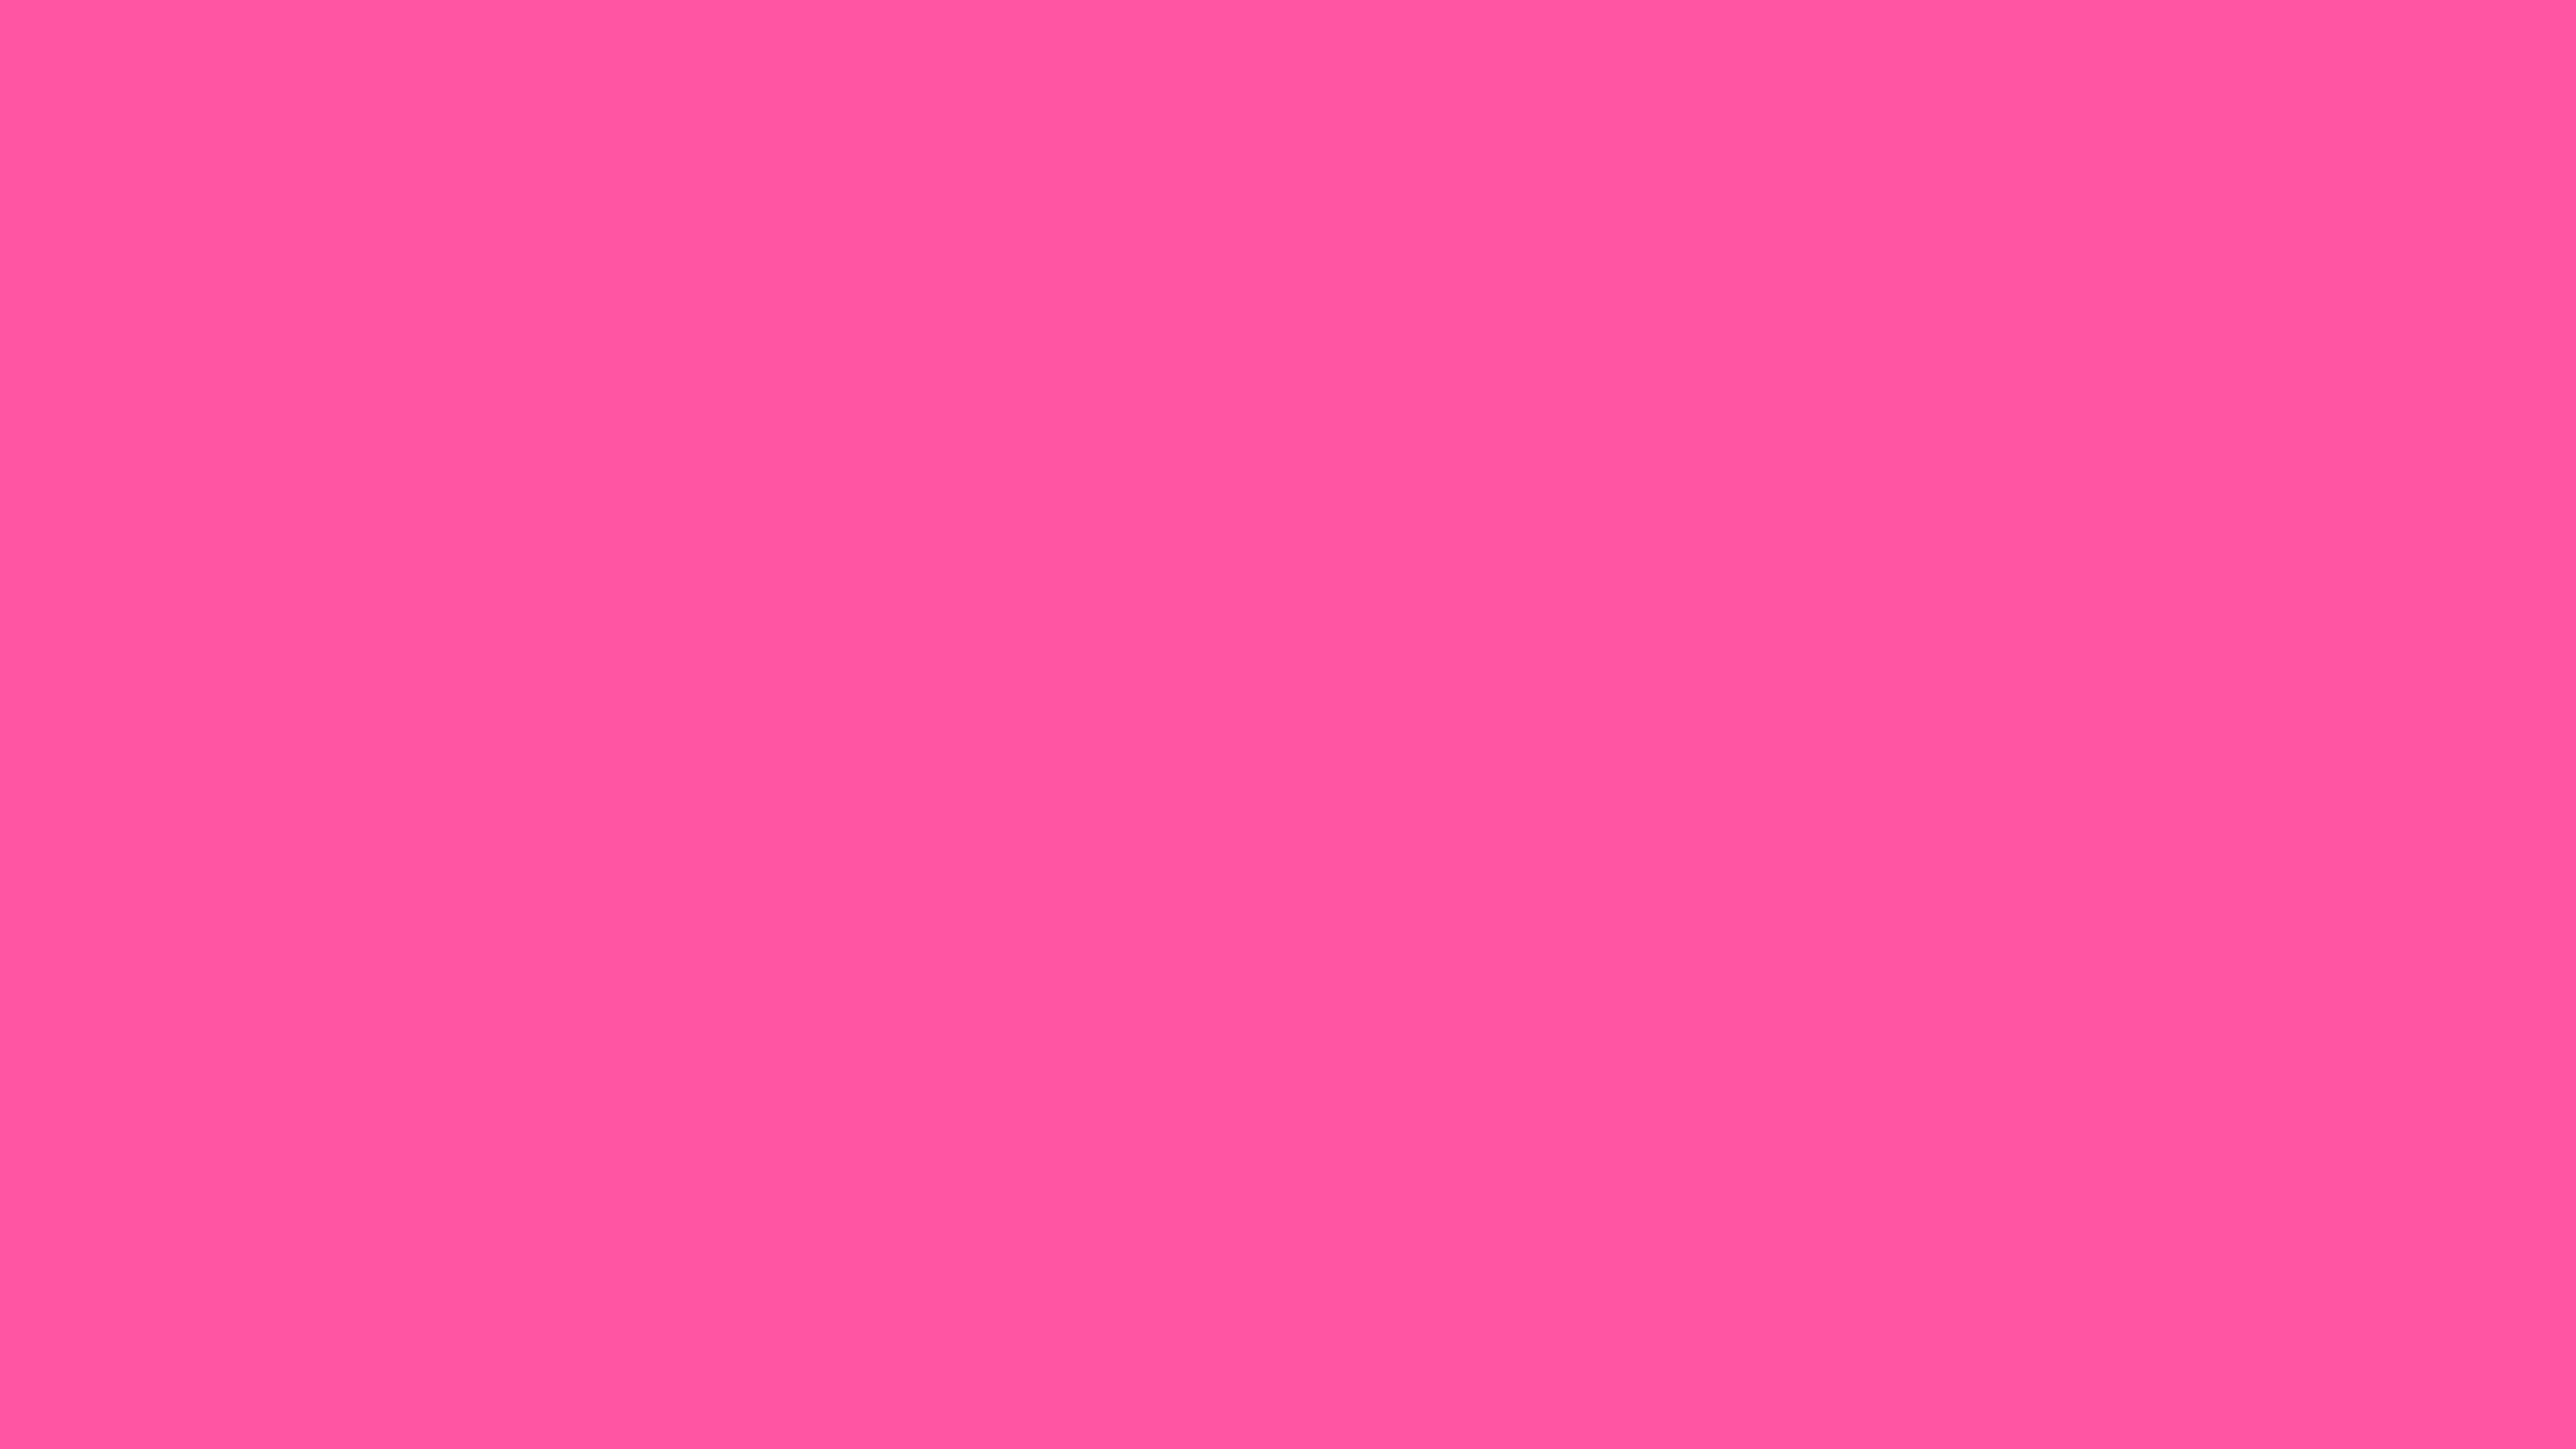 4096x2304 Magenta Crayola Solid Color Background